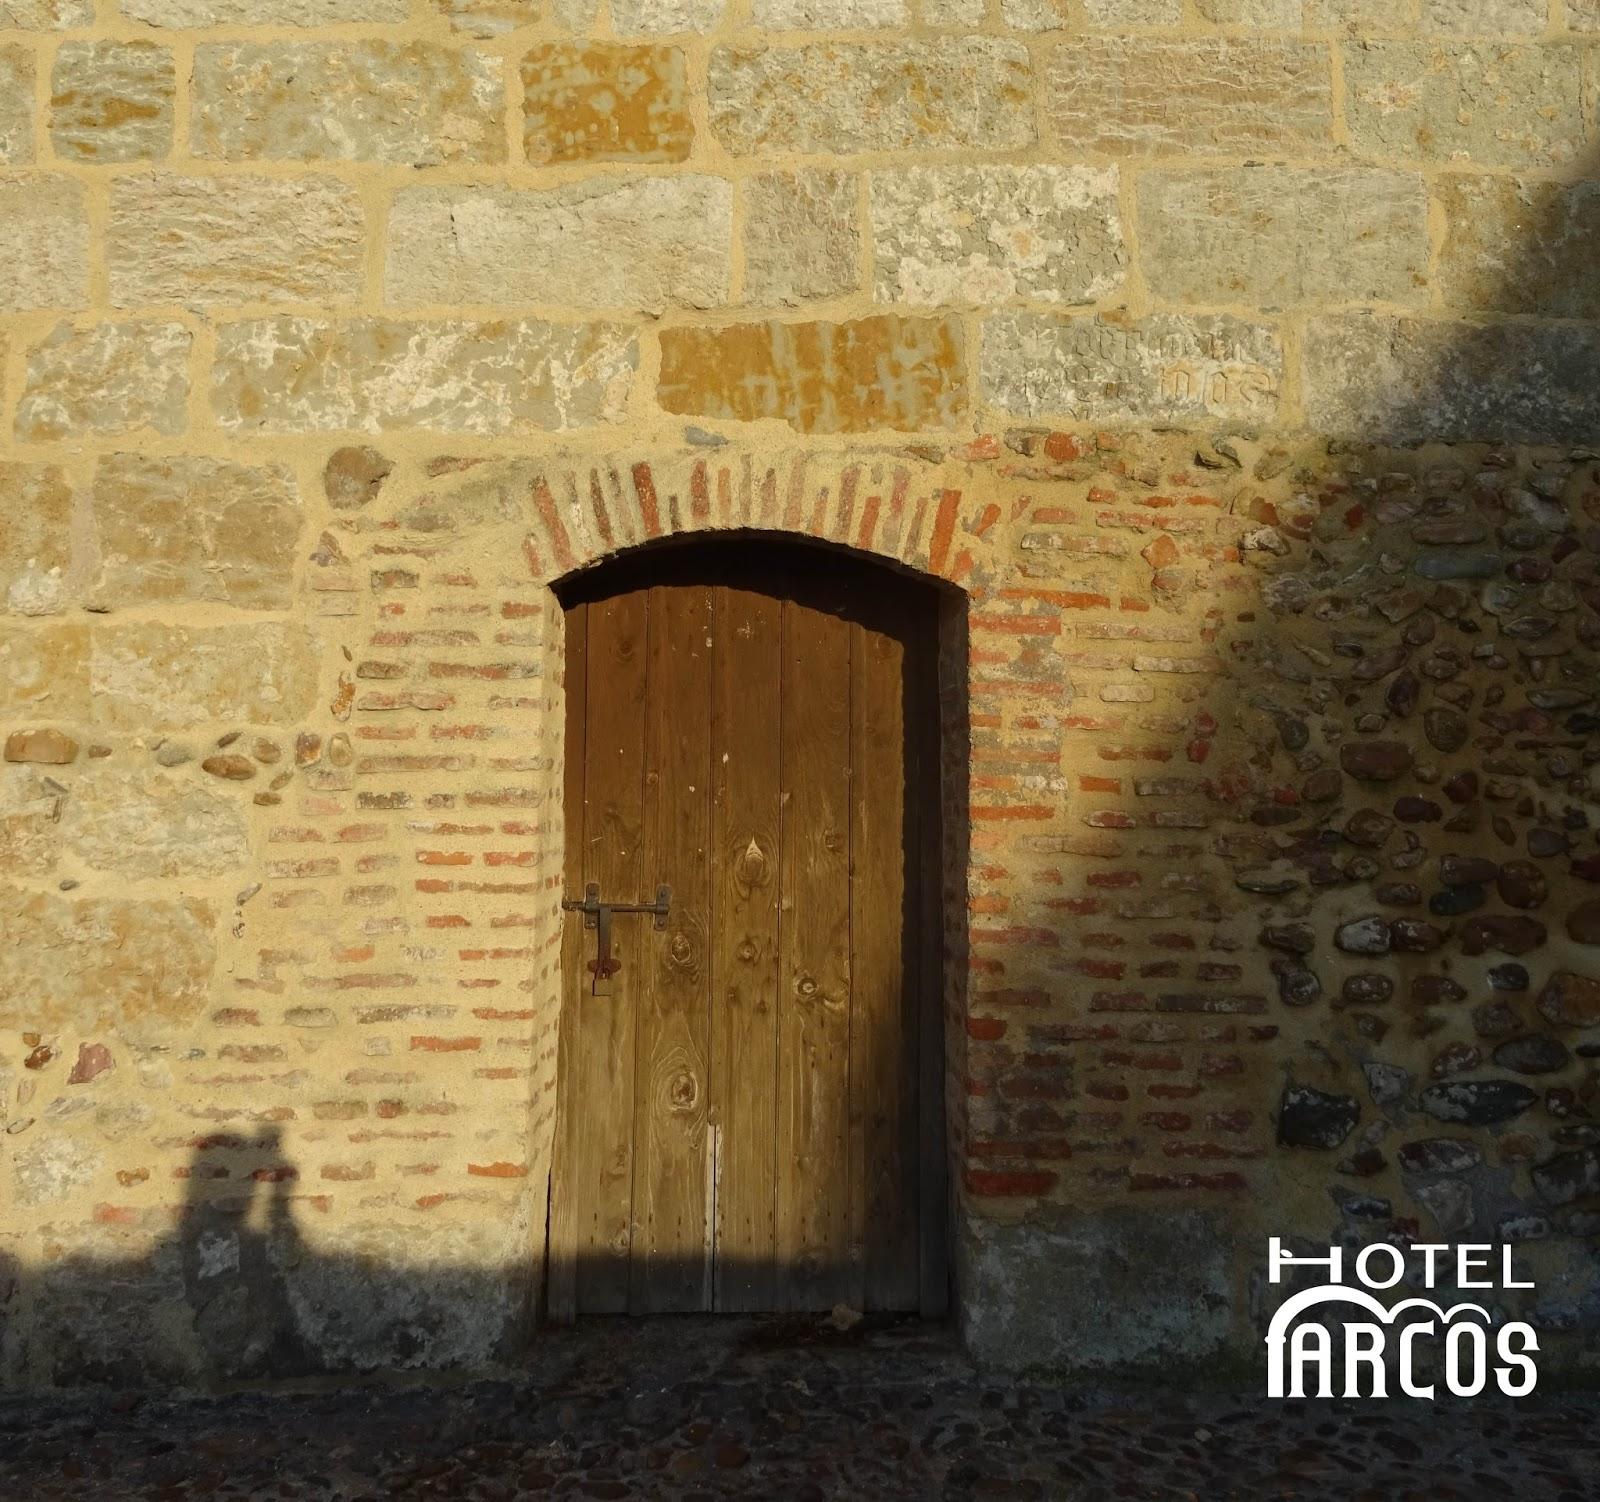 Hotel arcos ciudad rodrigo la puerta del conde ciudad rodrigo a 200 metros de hotel arcos - Hotel puerta del arco ...